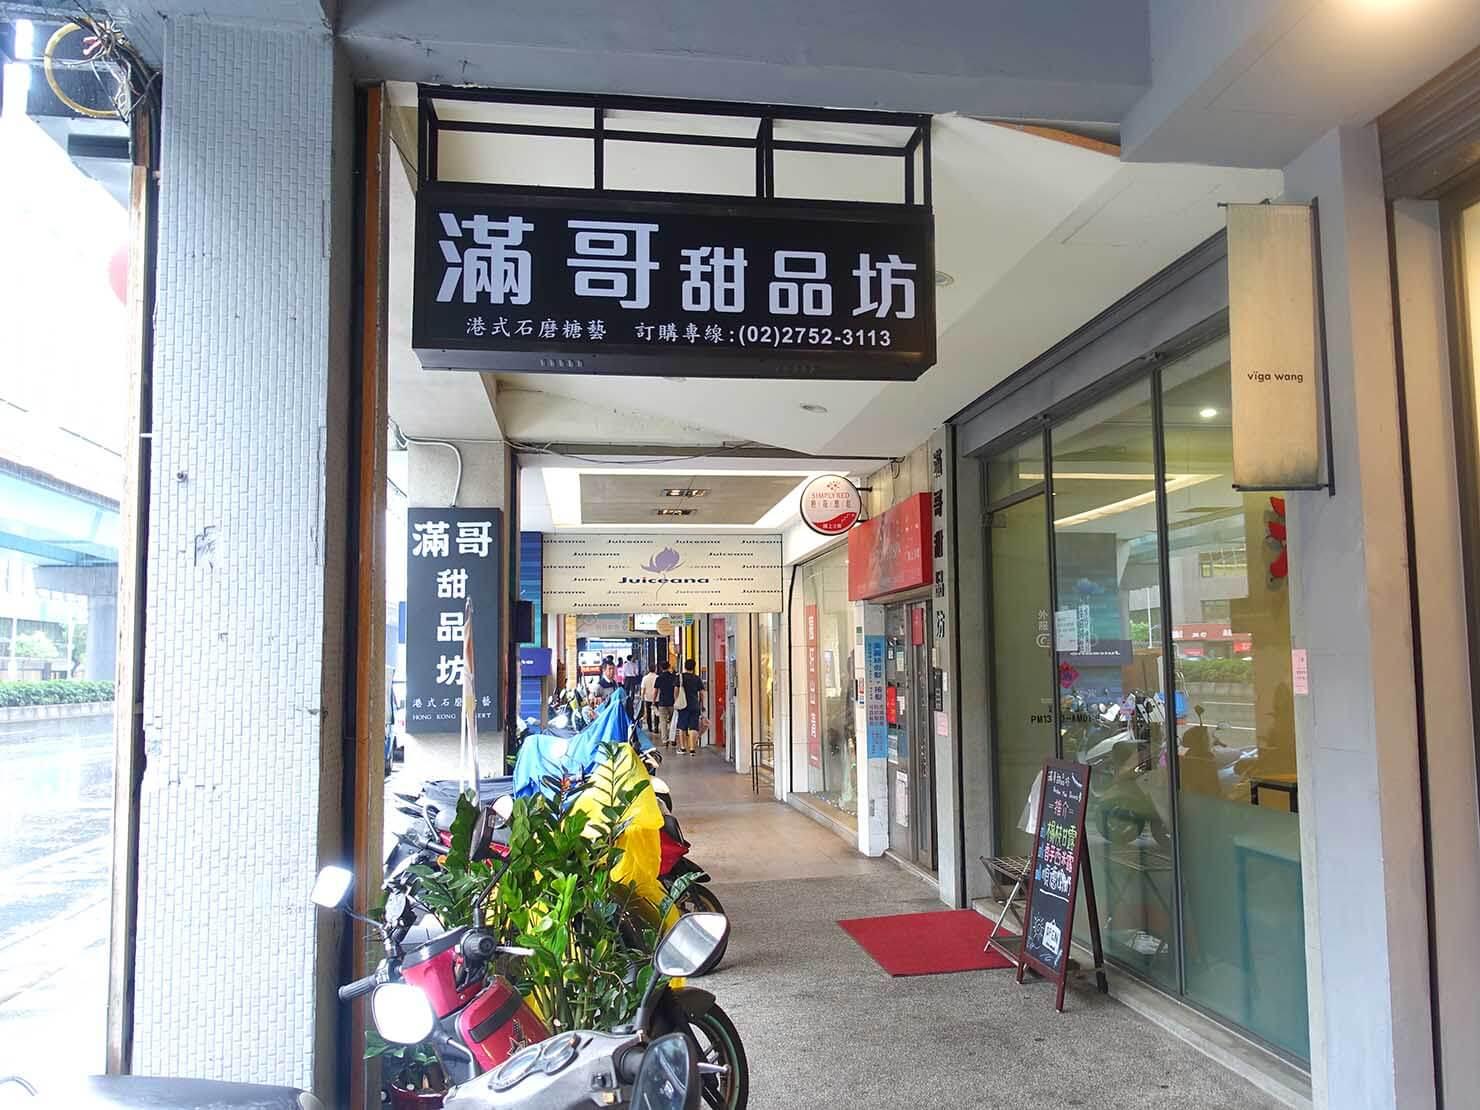 台北・南京復興駅周辺のおすすめグルメ店「滿哥甜品坊」の外観